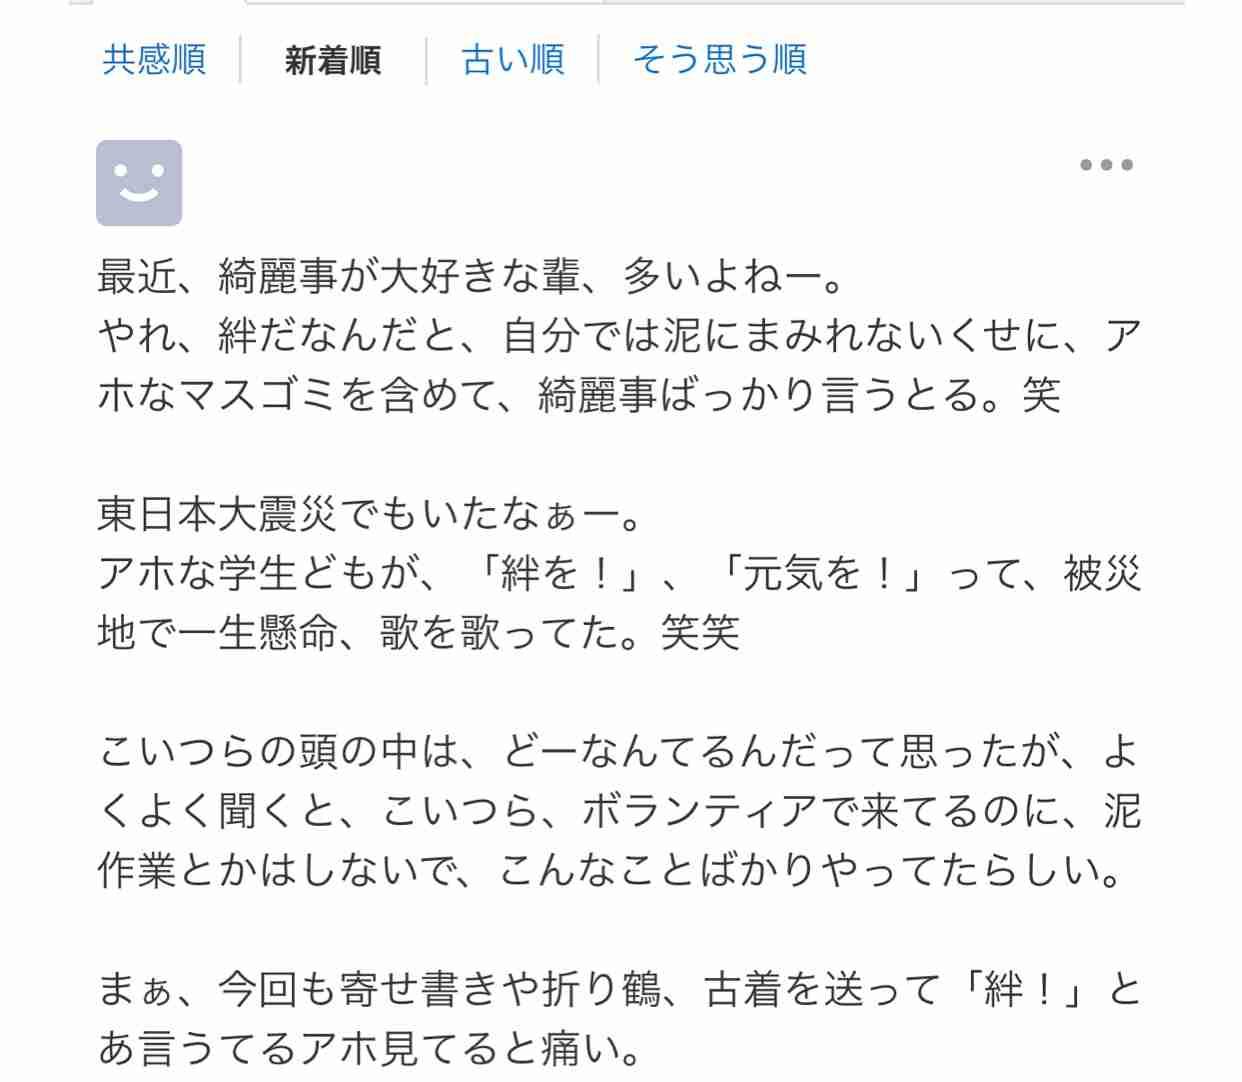 西日本豪雨 し尿処理できず「水や食事我慢」 愛媛・大洲